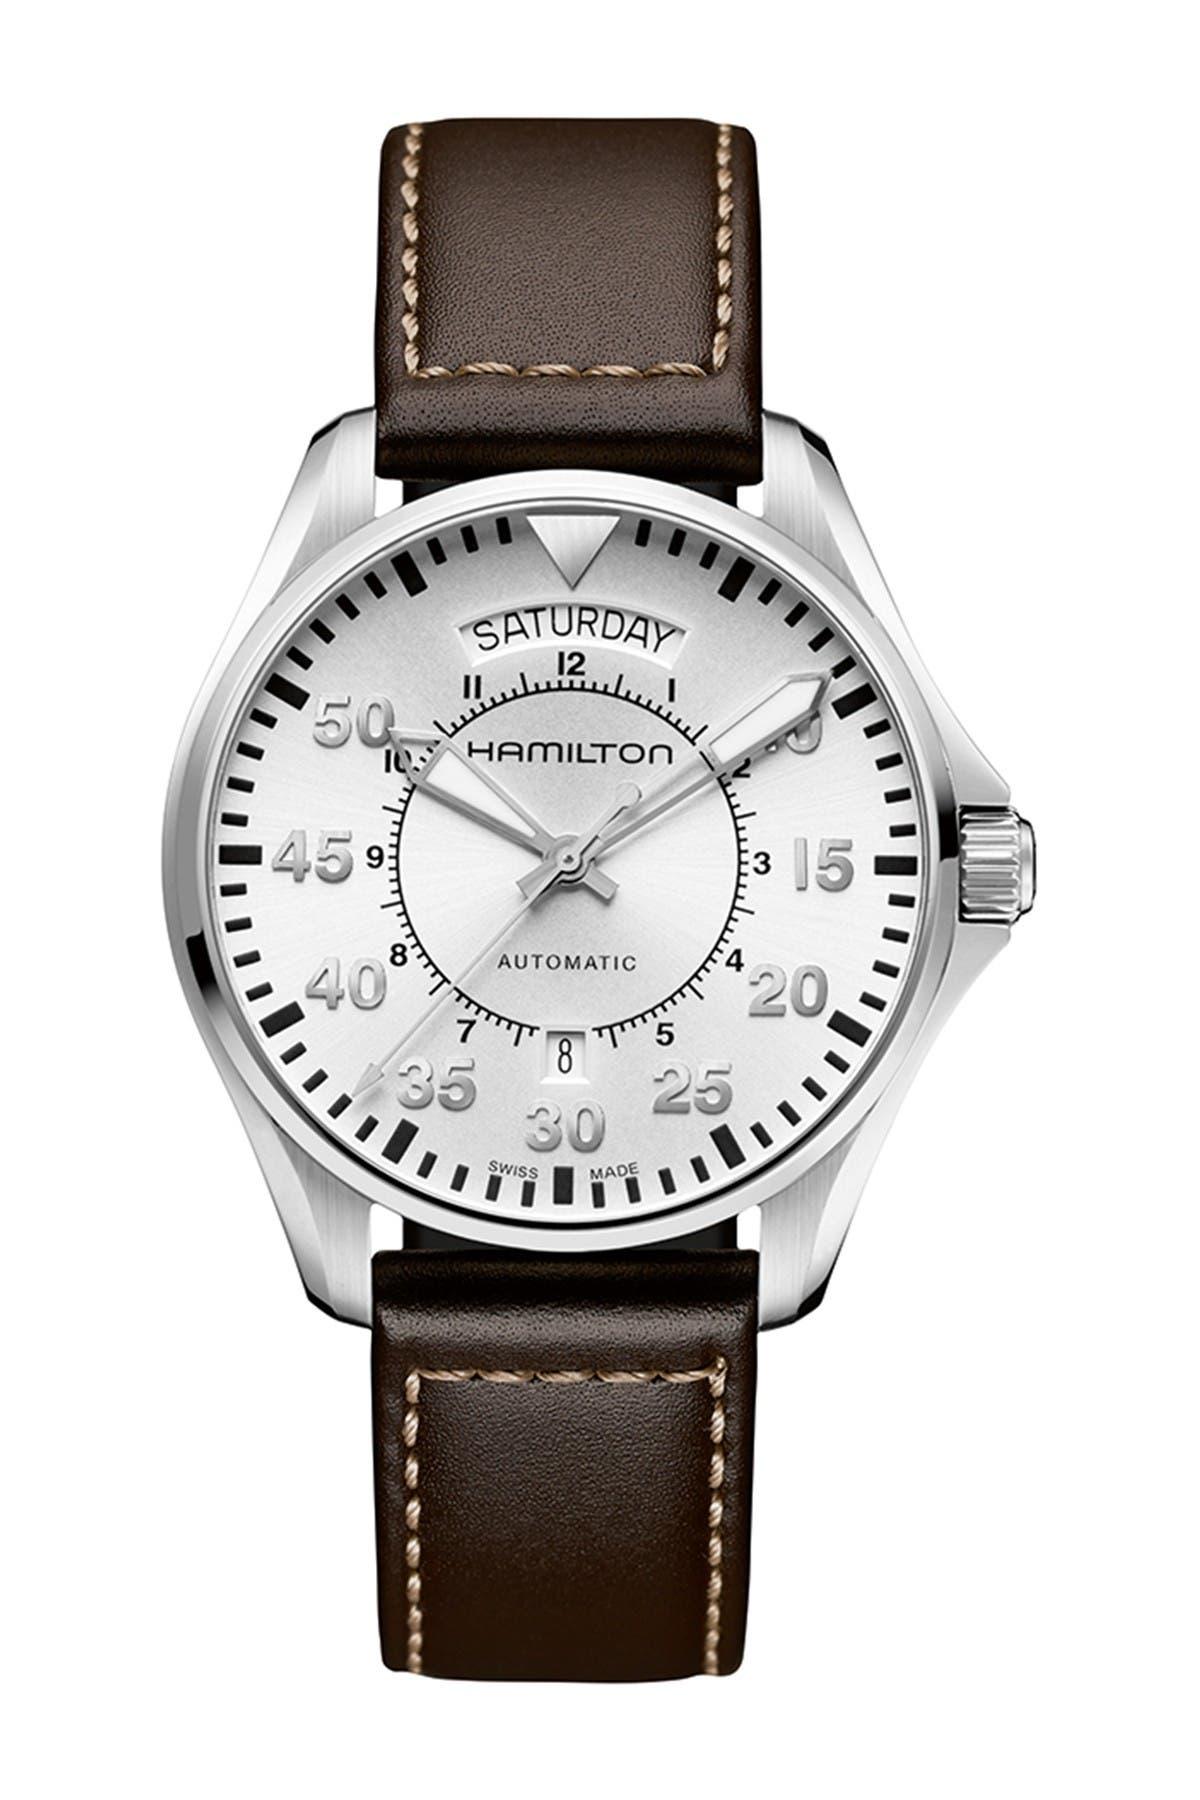 Image of Hamilton Men's Khaki Pilot Automatic Leather Strap Watch, 42mm